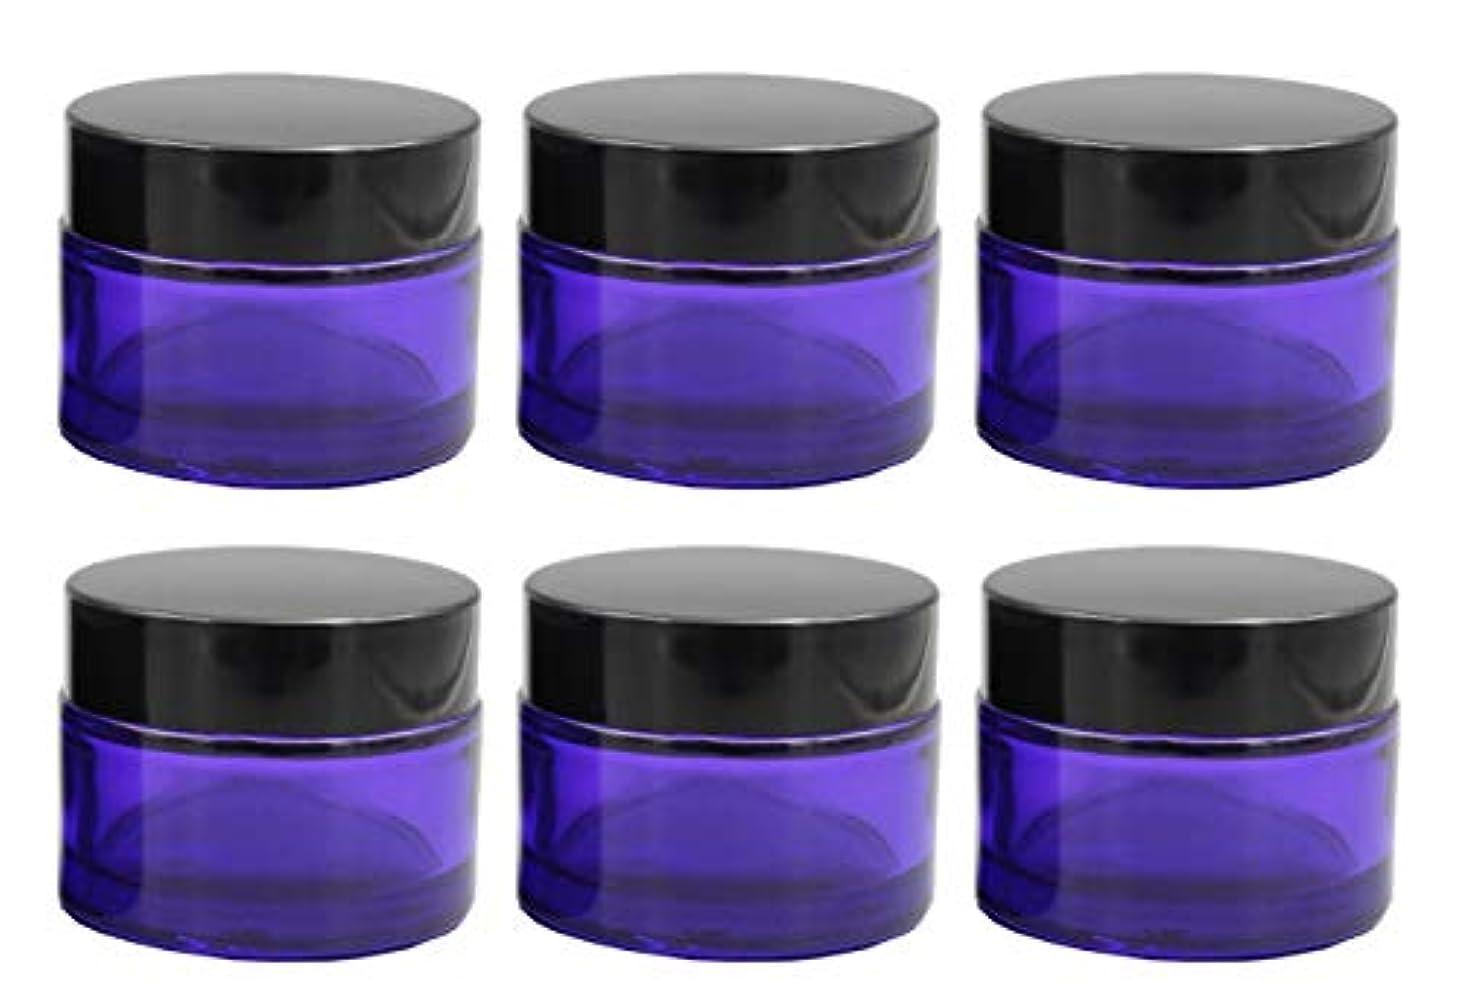 不均一四面体大使クリーム容器 遮光ジャー 6個セット アロマクリーム ハンドクリーム 遮光瓶 ガラス 瓶 アロマ ボトル ビン 保存 詰替え パープル (50g)